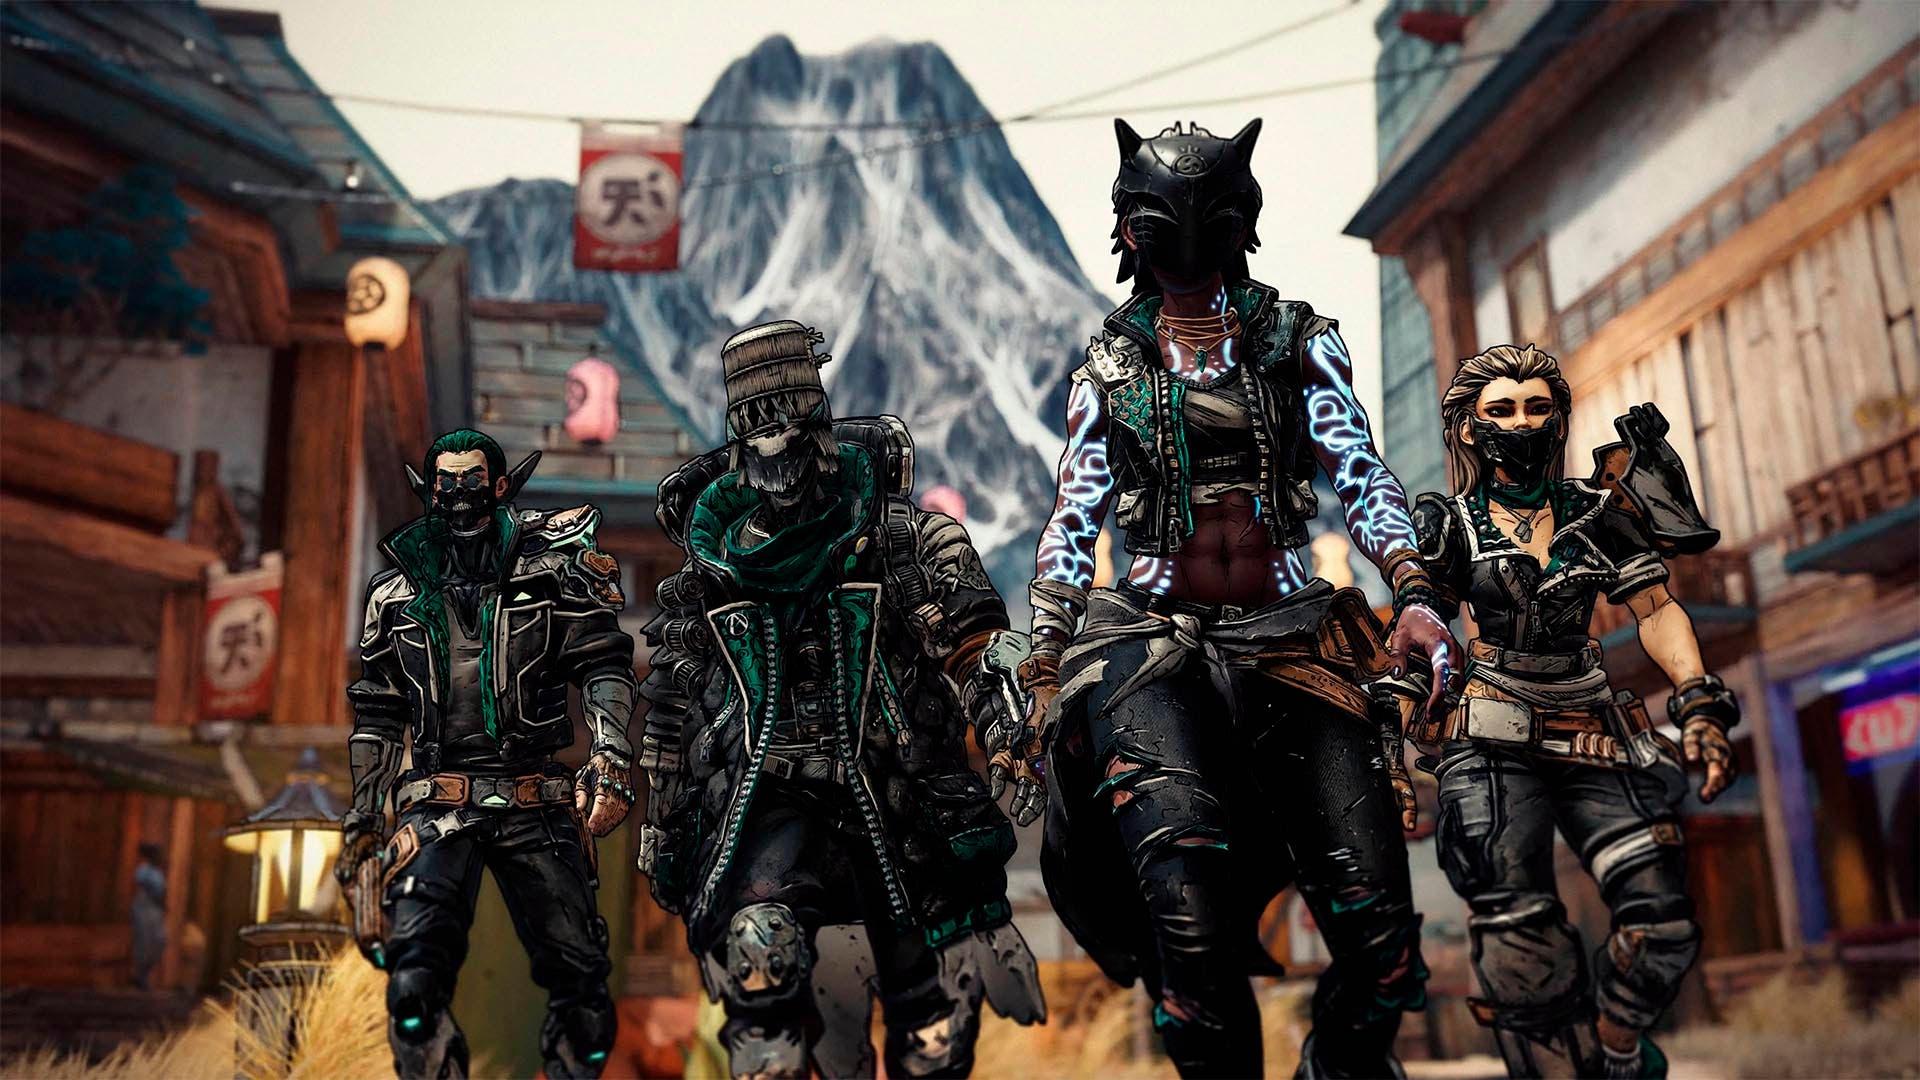 La cuarta expansión de Borderlands 3 será presentada la semana que viene 2